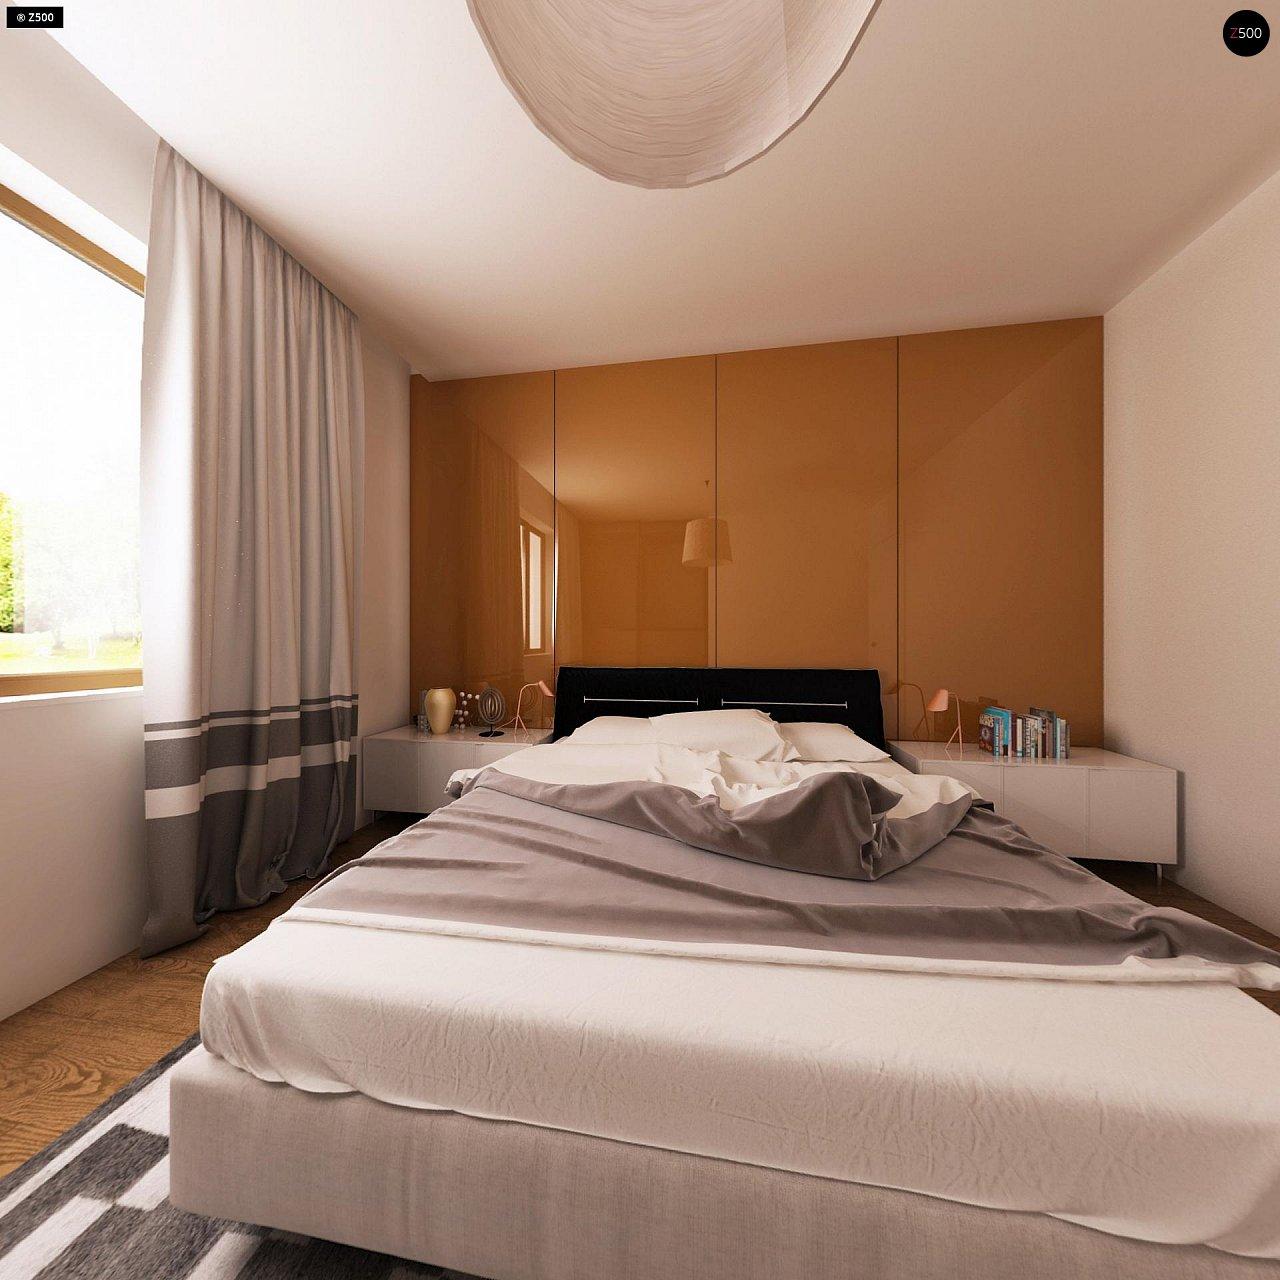 Функциональный одноэтажный дом с современными элементами отделки фасадов. - фото 9